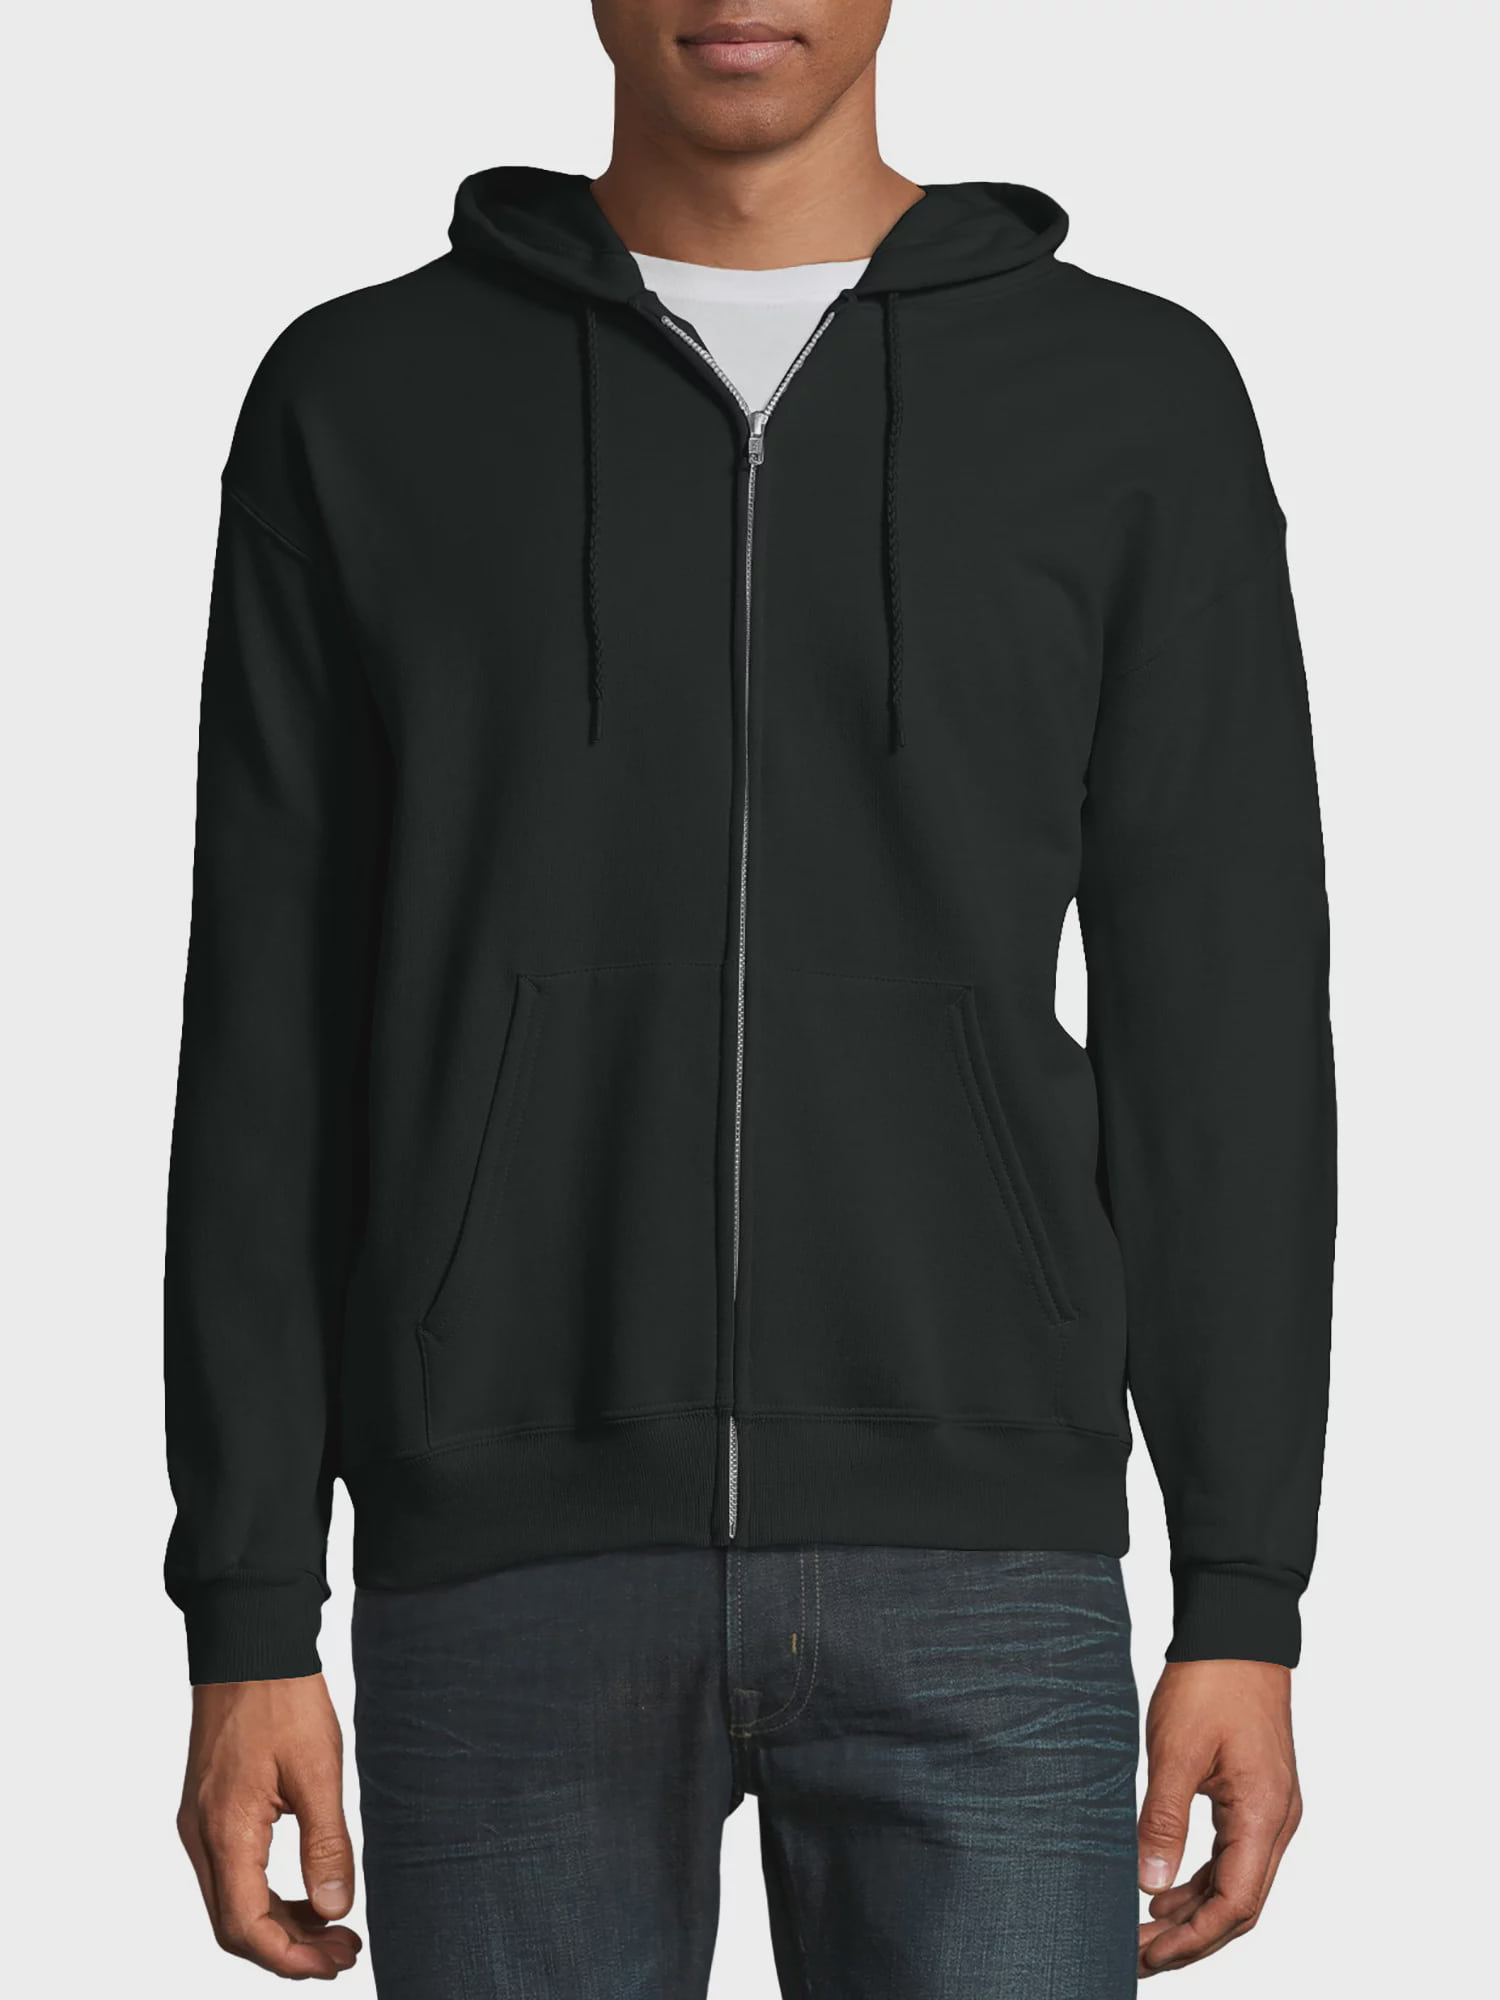 Hanes Men/'s Ultimate Cotton Chocolate Fleece Zip Hoodie Jacket 38-40 Medium